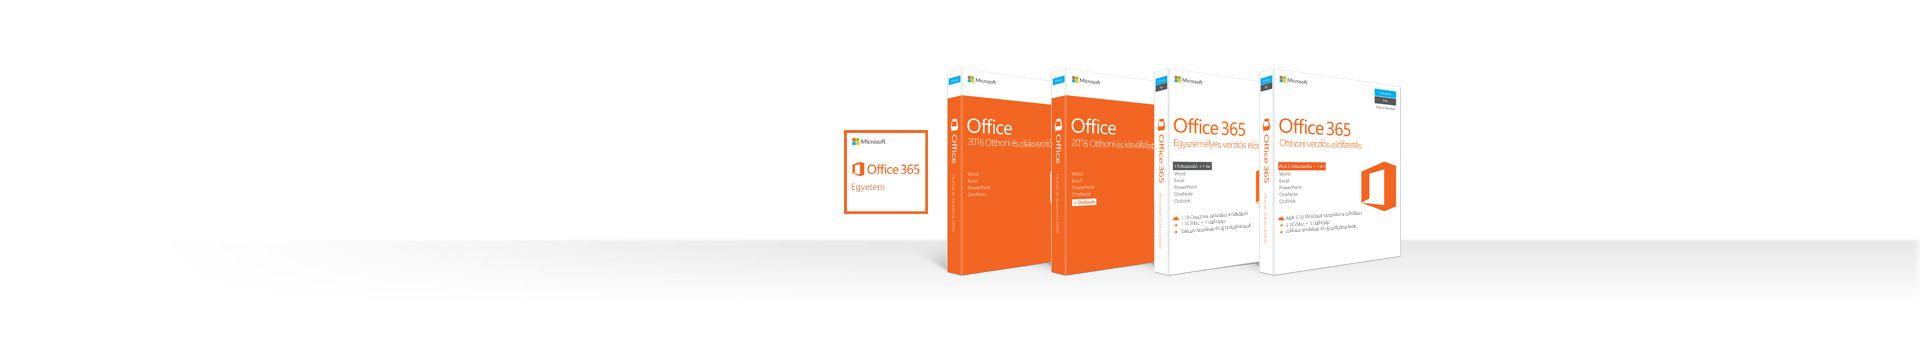 Machez készült Office 2016-os és Office 365-ös termékek doboza